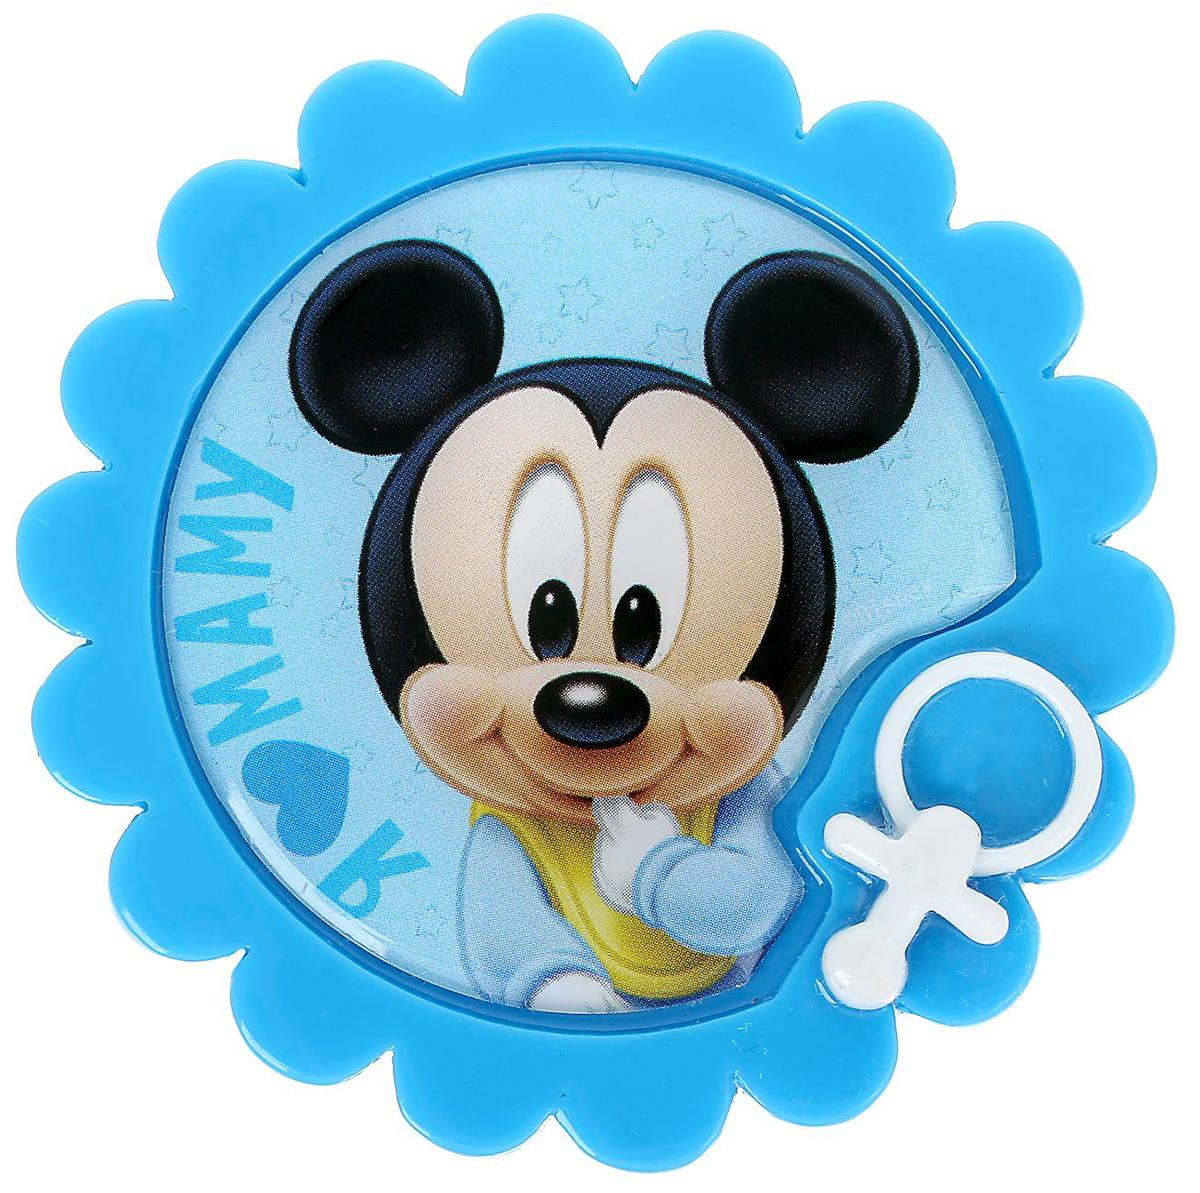 Магнит-рамка Disney Я люблю маму. Малыш Микки, 5,9 х 6 см. 12568541256854Дарите радость с Disney Удивите малышей уникальным сувениром с любимым персонажем! Он порадует ребёнка стильным дизайном и ярким исполнением. Красочный акриловый магнит будет долгие годы украшать холодильник или другую металлическую поверхность. Изделие дополнено оригинальной открыткой, где можно написать тёплые слова и сделать маленький подарок более личным. Соберите коллекцию аксессуаров с любимыми героями!